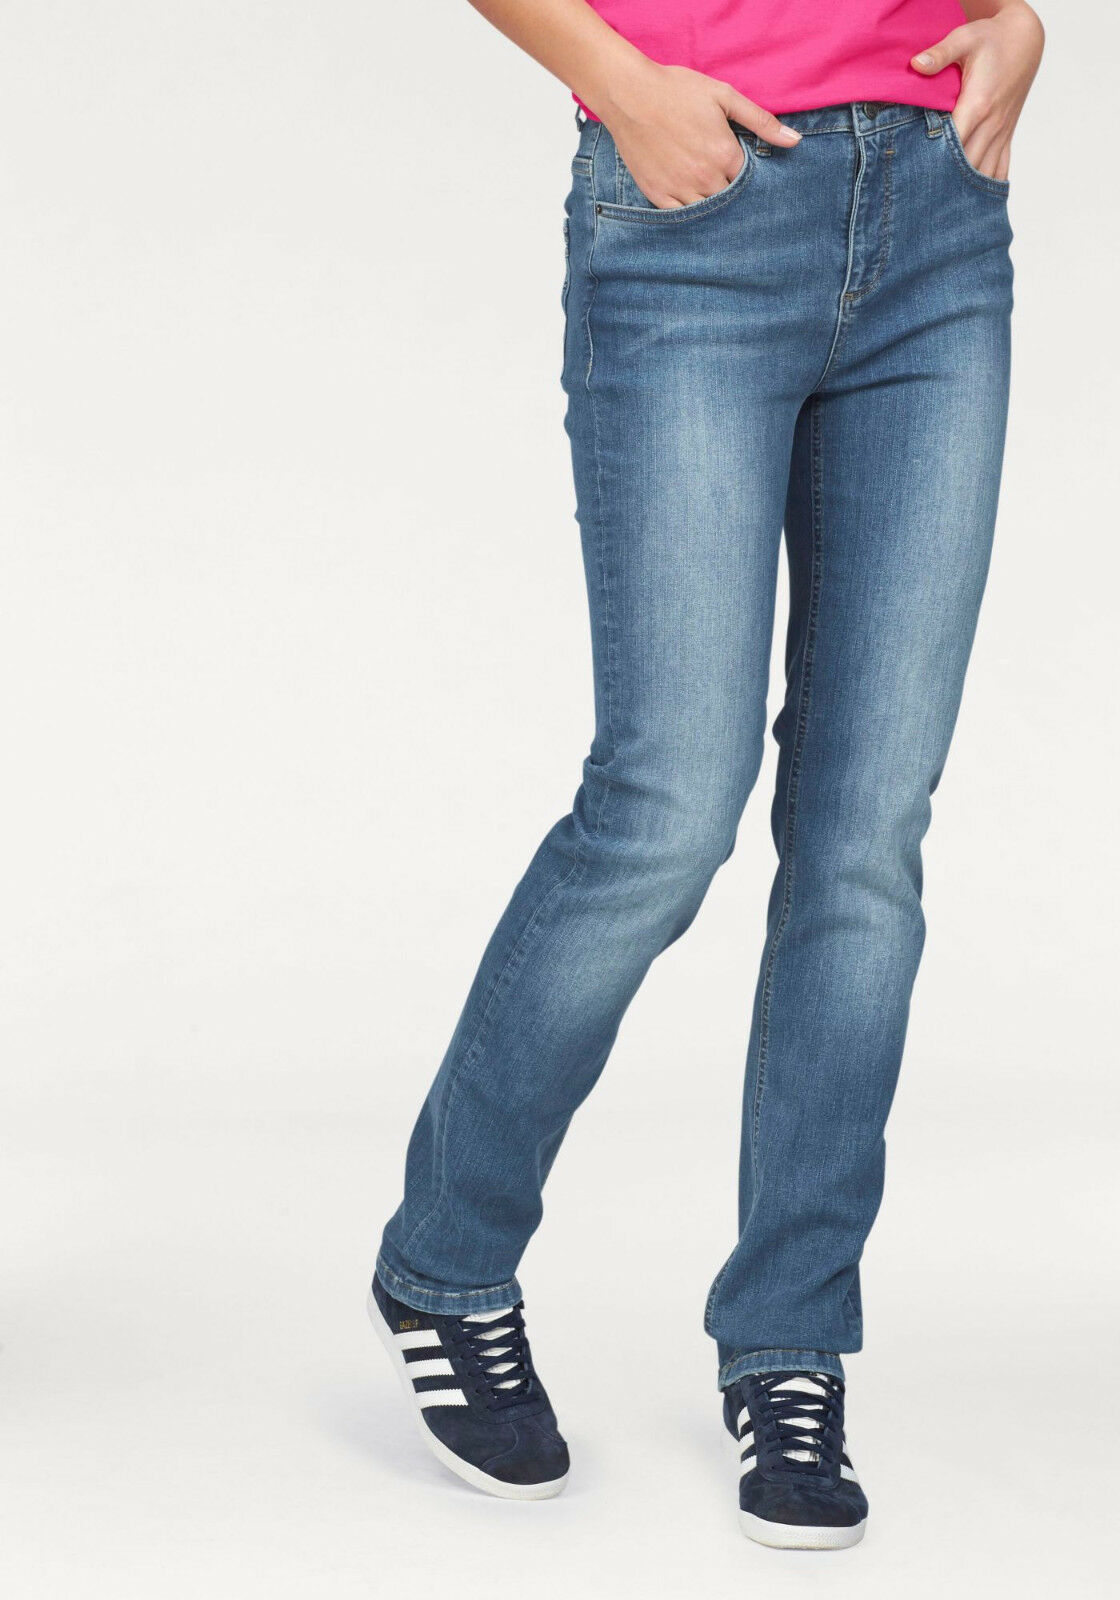 Details zu H.I.S 5 Pocket Jeans »Marylin«, lt blue used. Gr. 34. NEU!!! KP 79,95 €